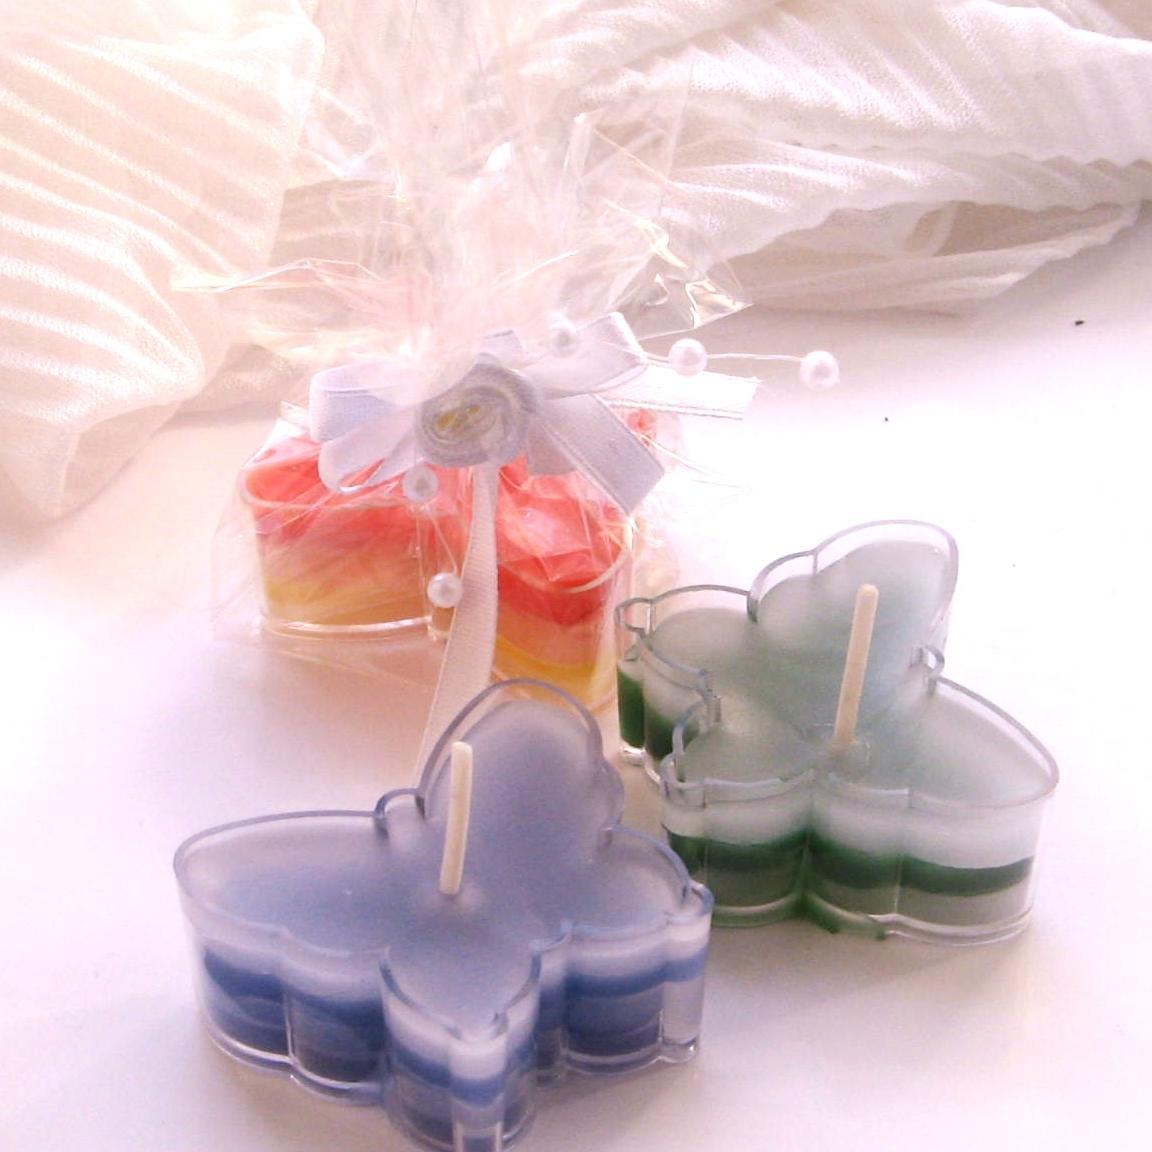 dárek pro svatební hosty - svíčka motýlek - Obrázek č. 1